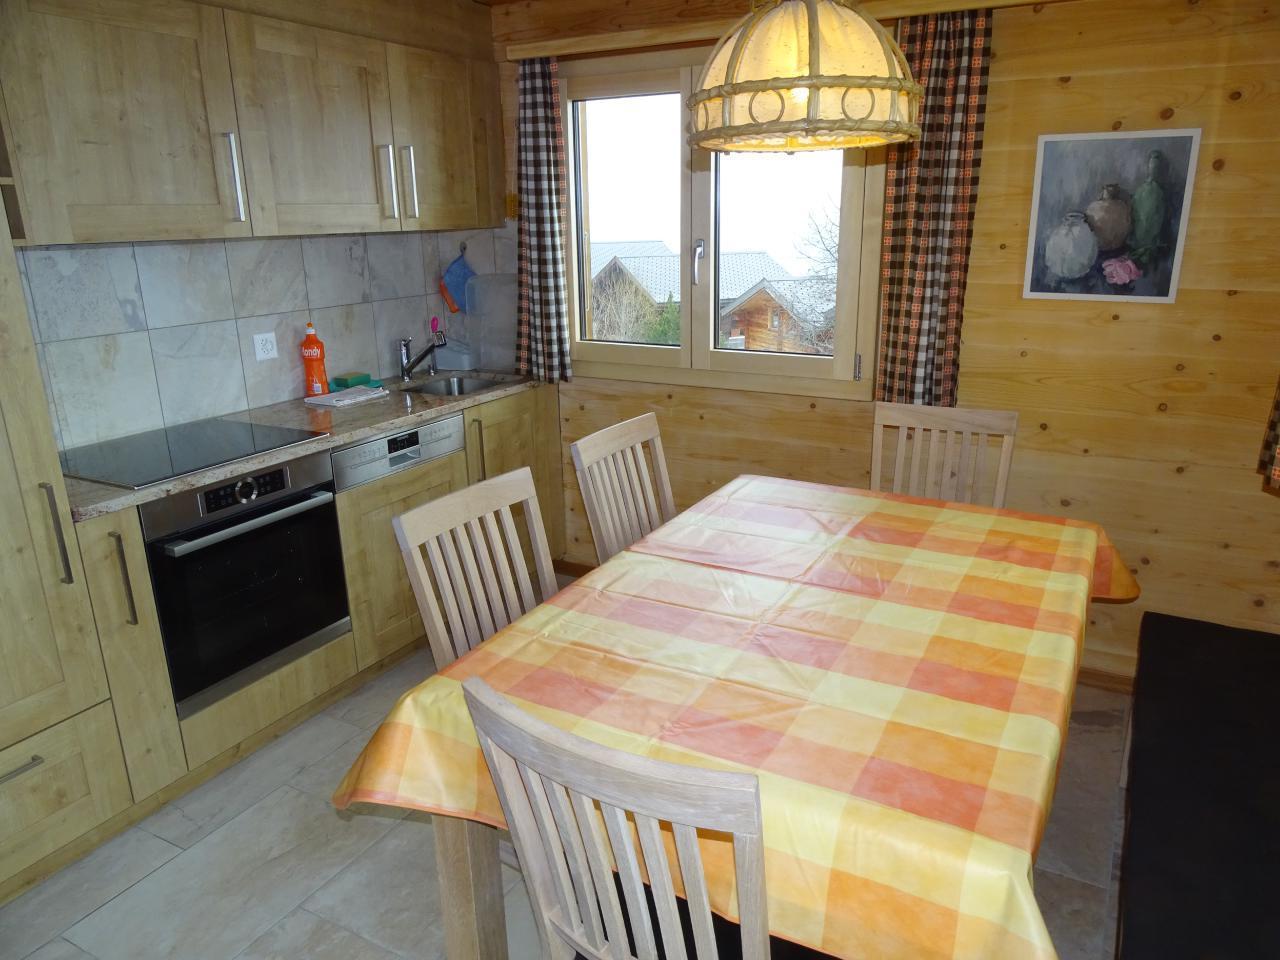 Appartement de vacances Chalet Stefanino, 3 1/2 Zimmer (487097), Bellwald, Aletsch - Conches, Valais, Suisse, image 8